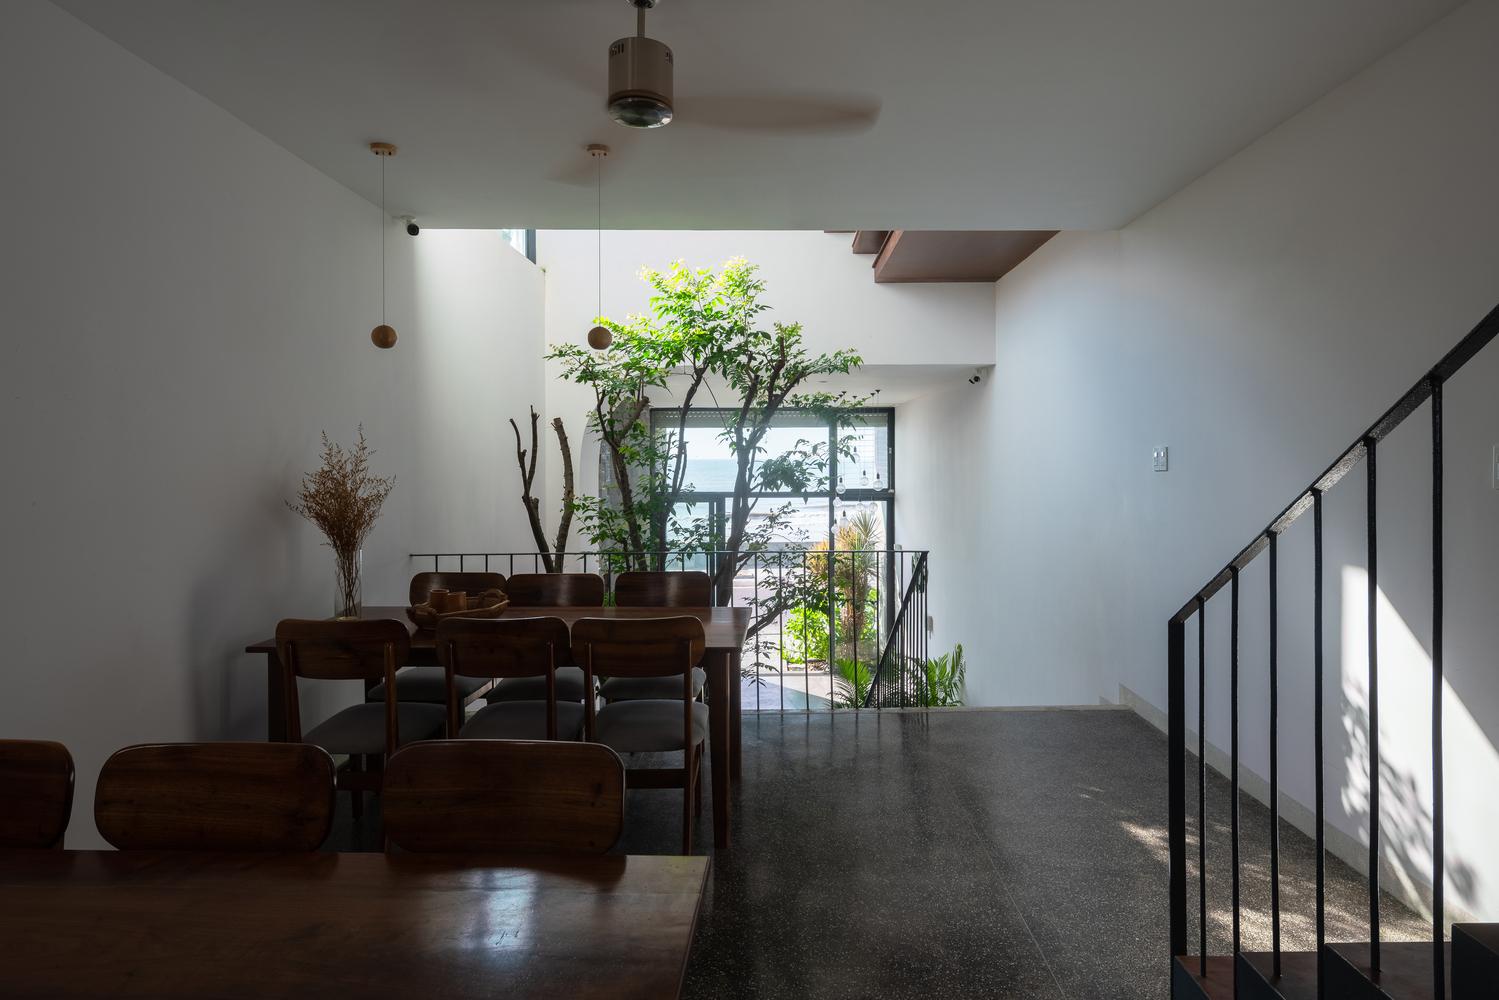 Không gian trong nhà, có bàn ghế và khoảng sáng từ giếng trời